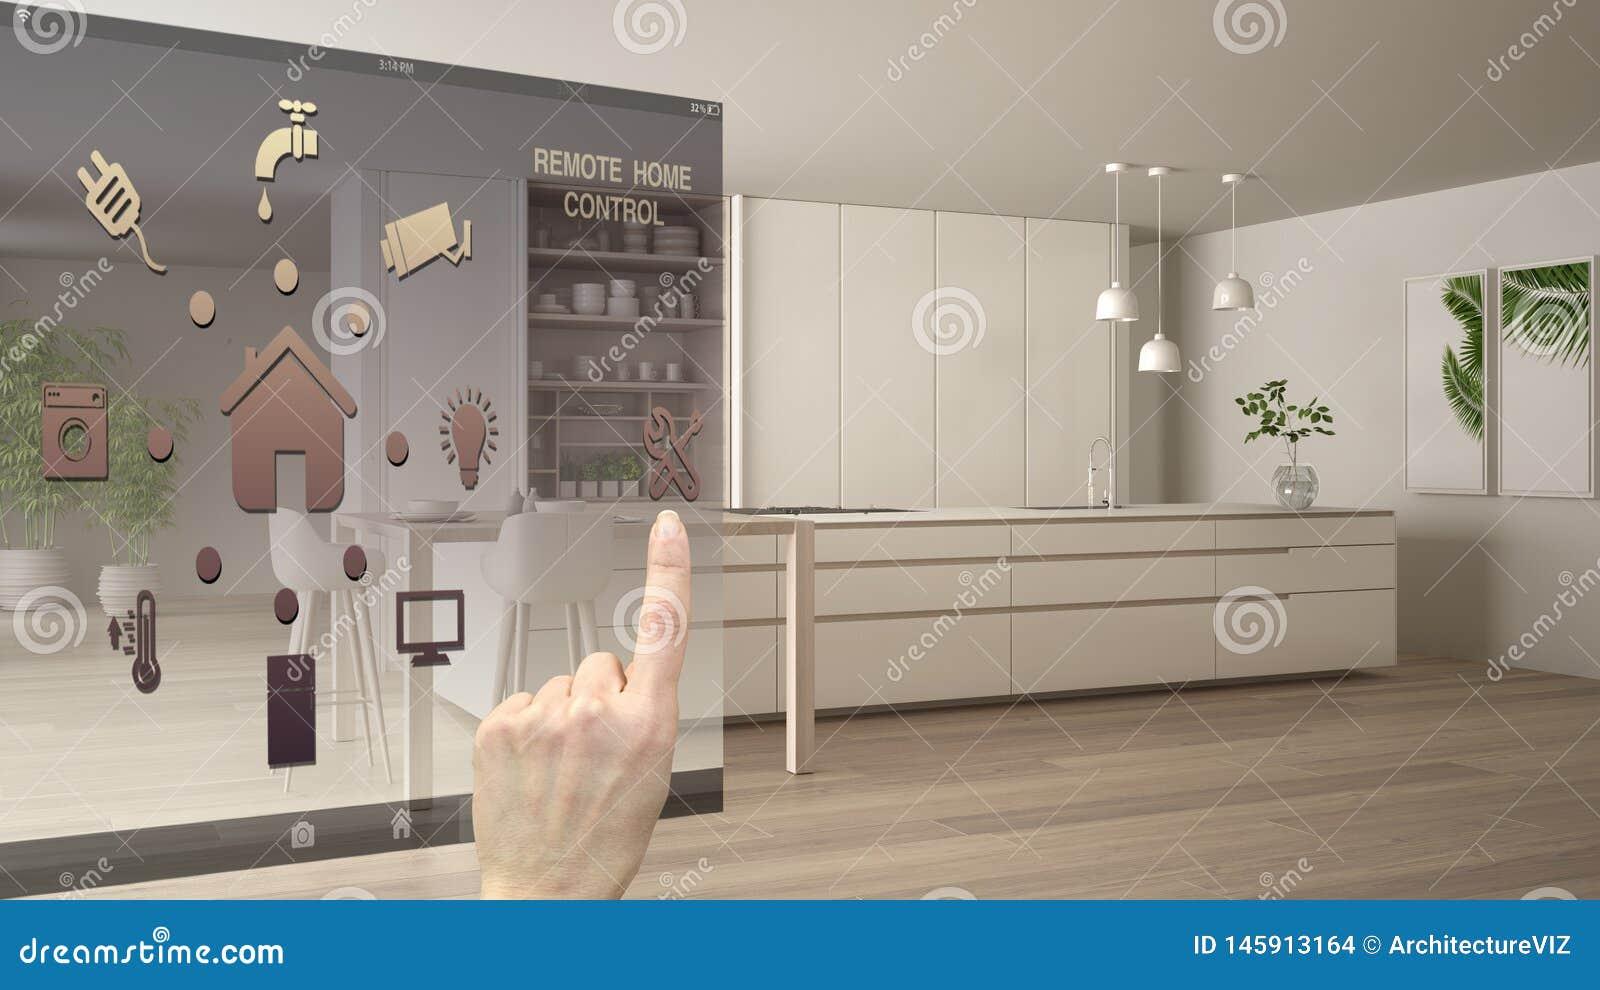 聪明的家庭控制概念,控制从流动应用程序的手数字接口 显示现代白色的被弄脏的背景和木